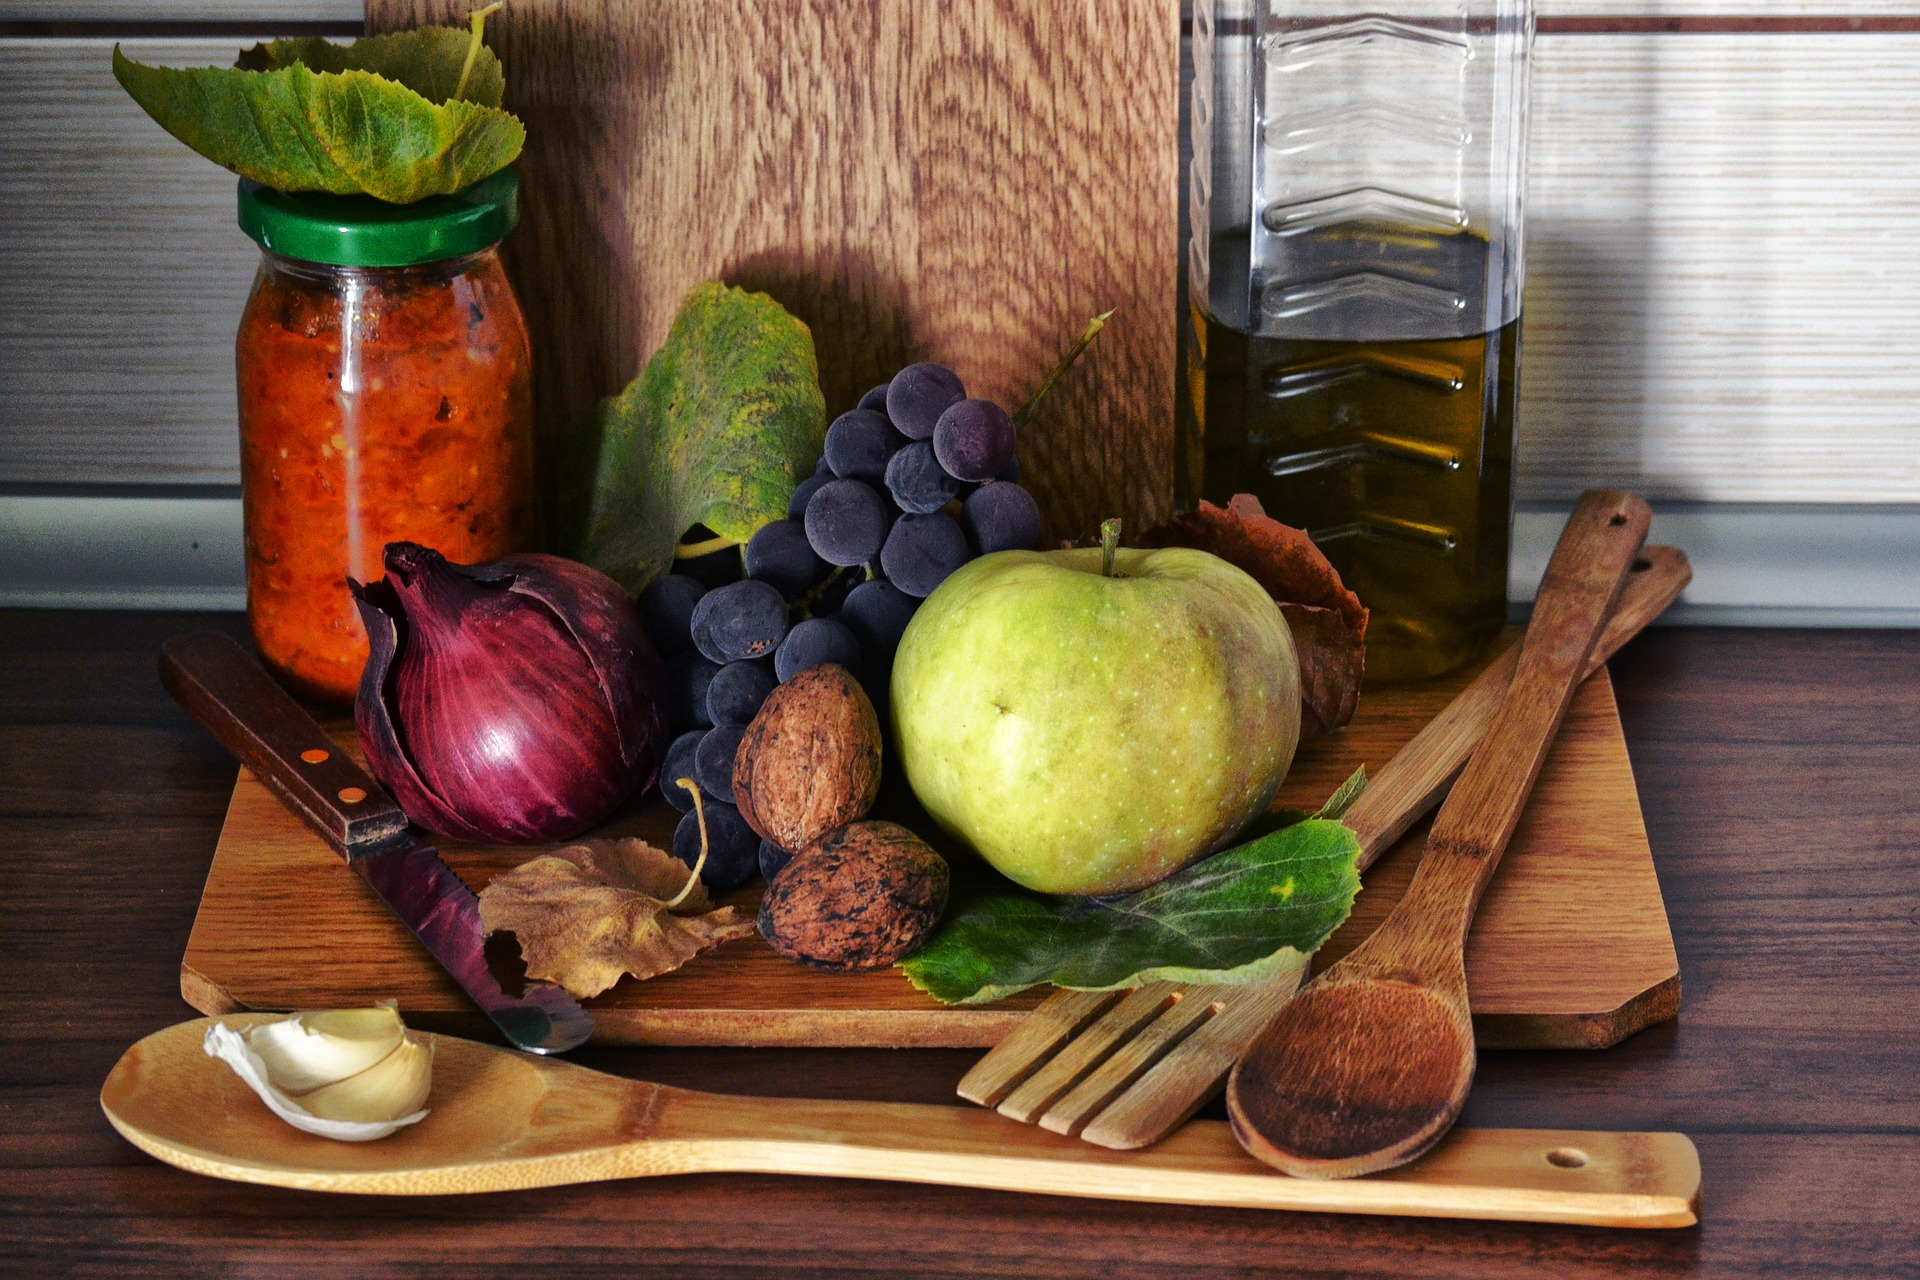 La Dieta Mediterranea messa sotto accusa: dove ha sbagliato il dottor Keys?